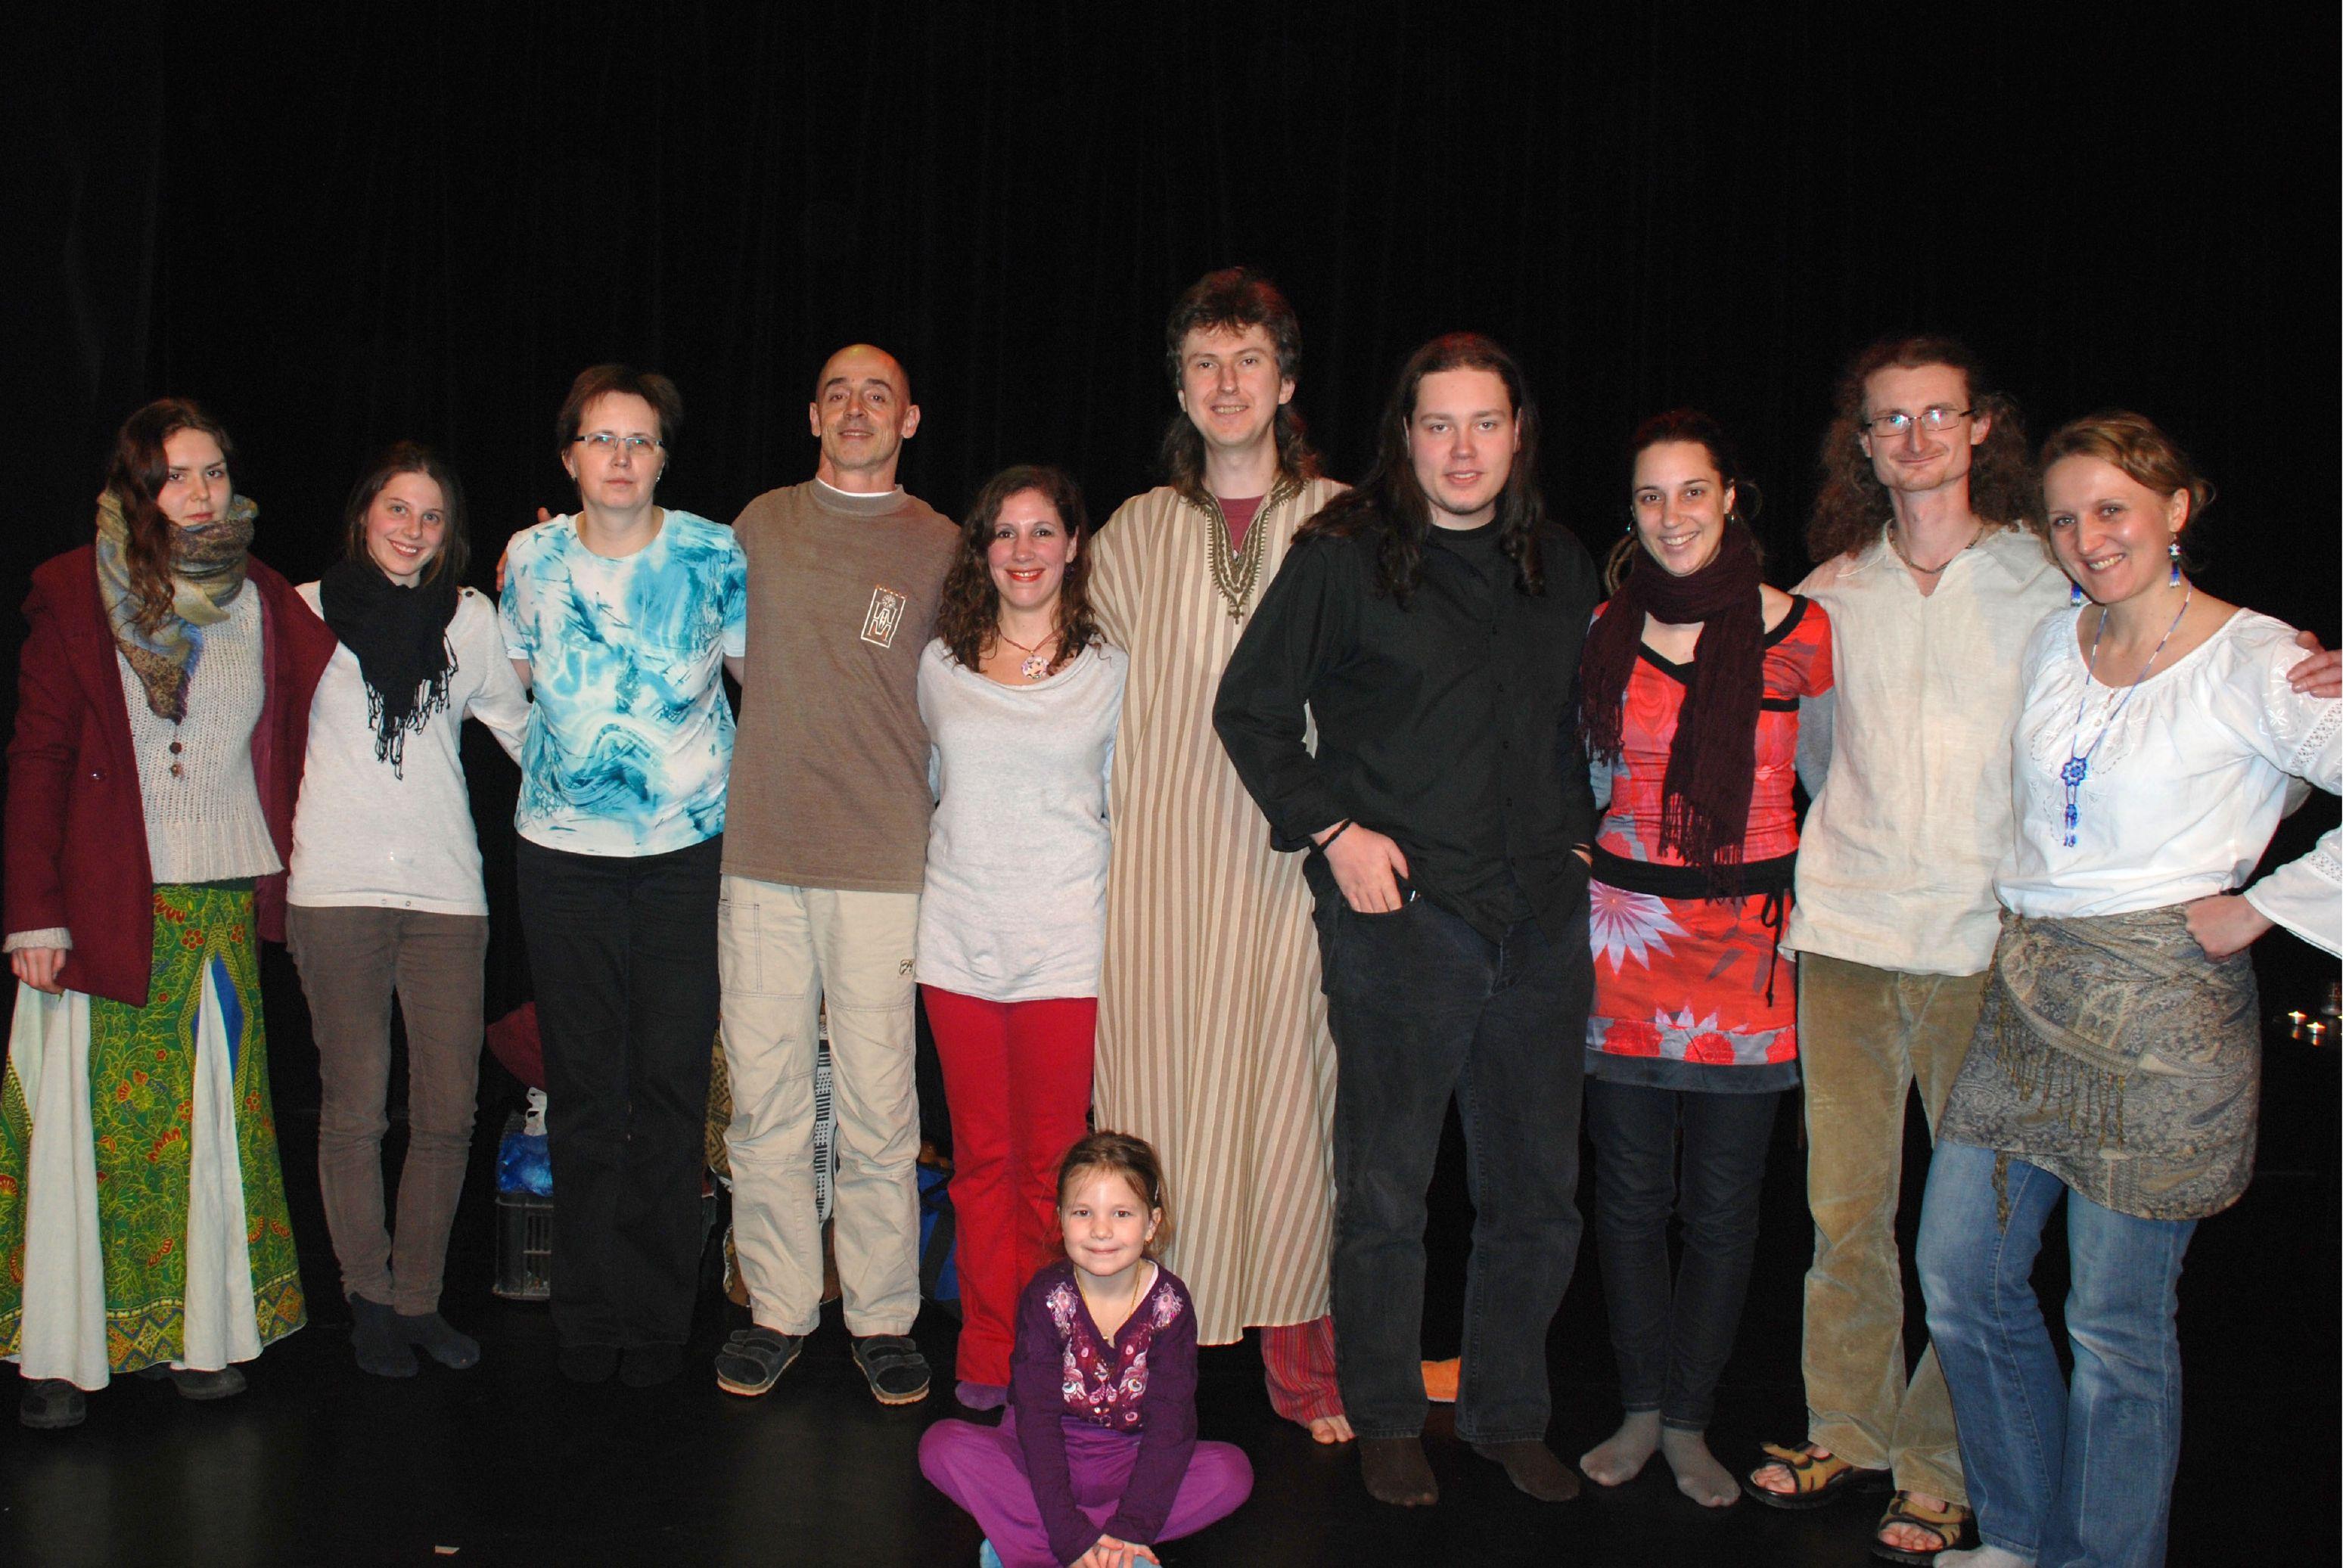 Zleva: Nami (zpěv), Zuzka (tanec), Alice (múza), Martin (tibetské mísy), Lily (tanec), Sueneé (moderátor, bubeník), Maike (el.akustická kytara), Natálie (múza), Radek (fujara, koncovky), Alenka (manažerka večera), Kačenka (nejmenší divačka)